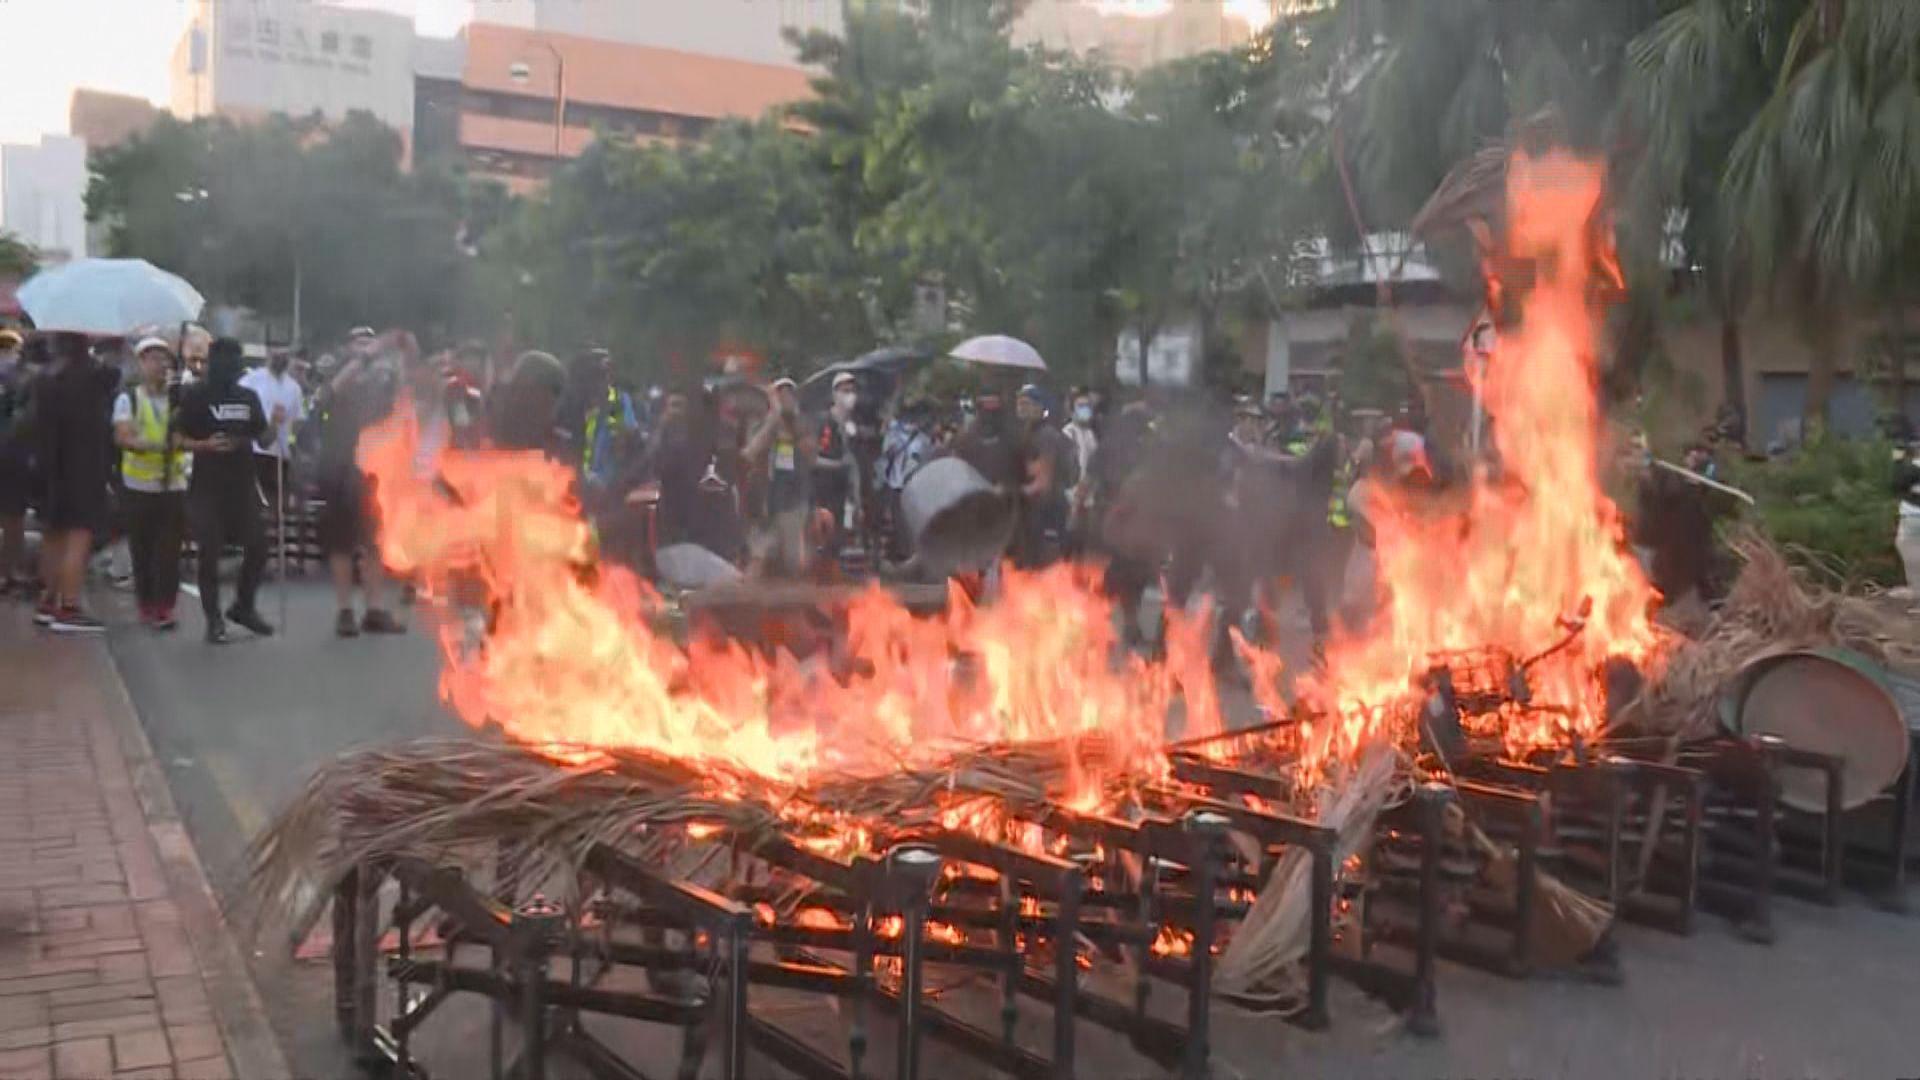 示威者沙田源禾路縱火 警放催淚彈